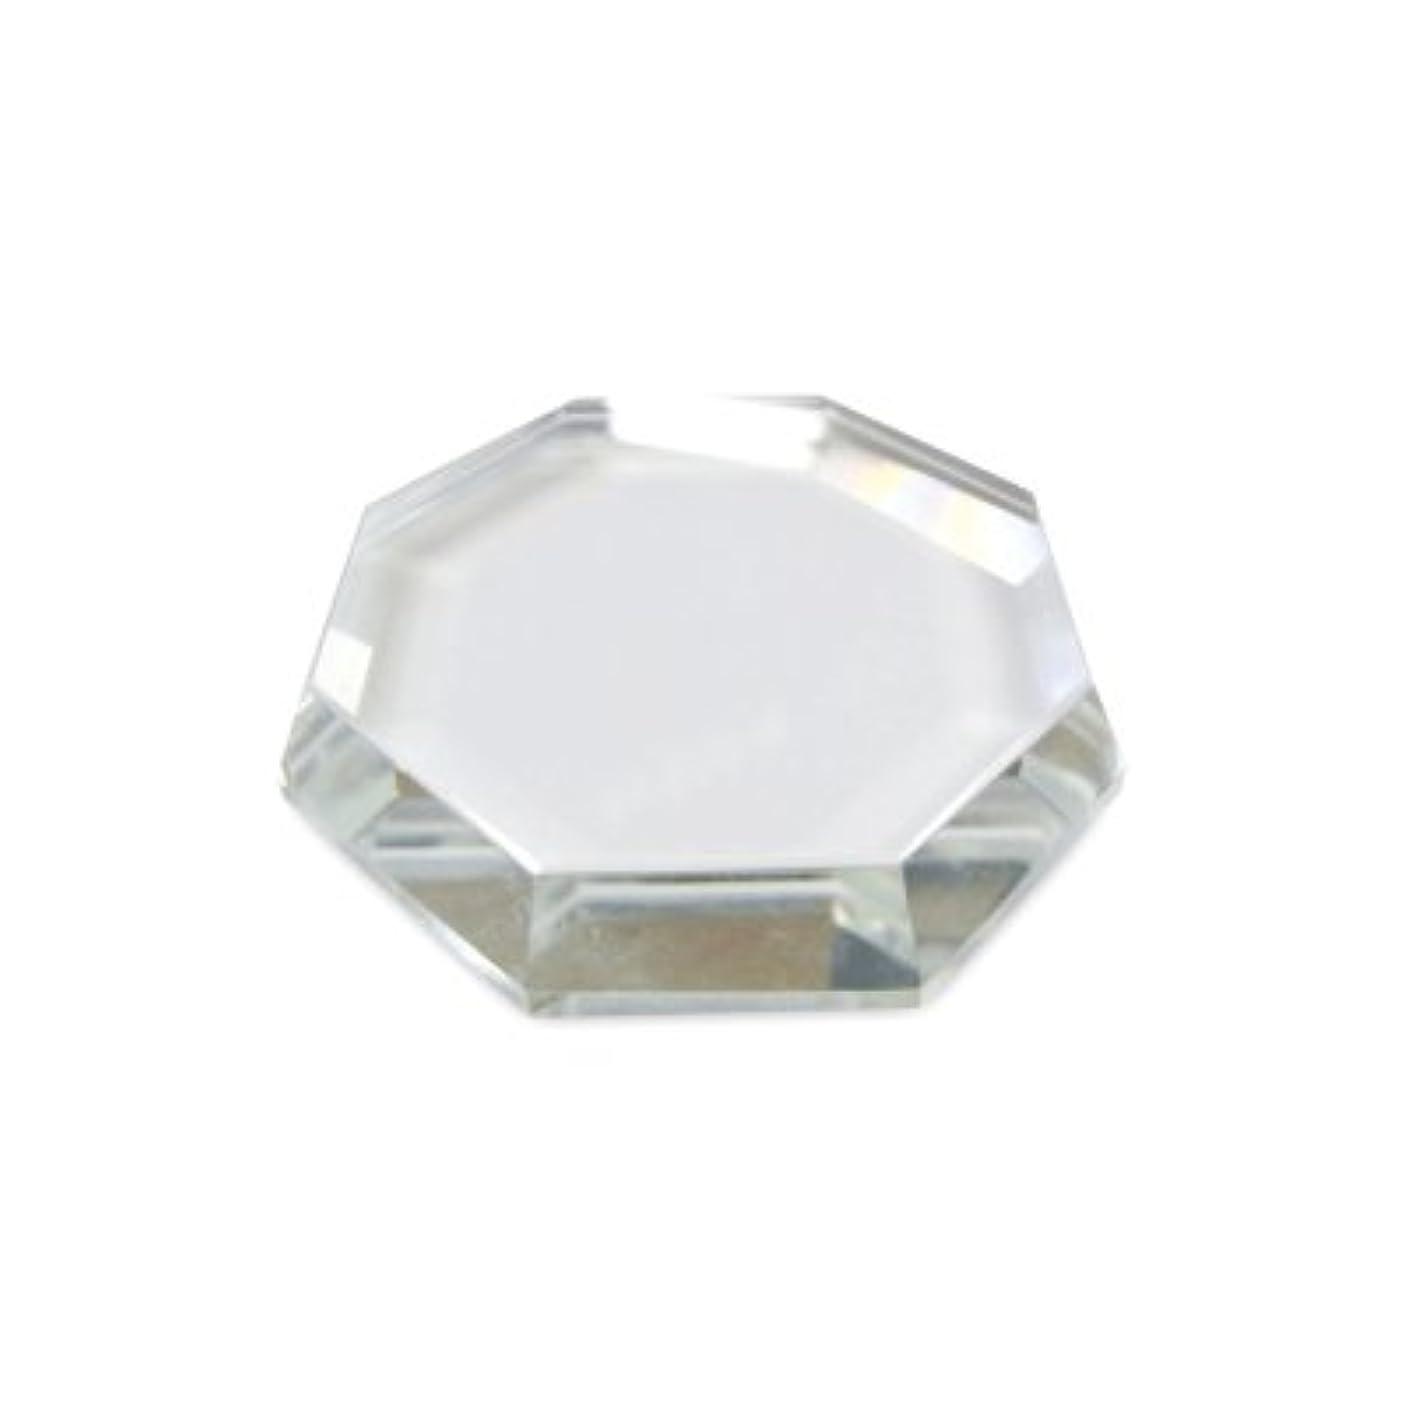 公平な残基論争[まつげエクステ]クリスタルグループレート〈ガラス製〉八角形 55mm